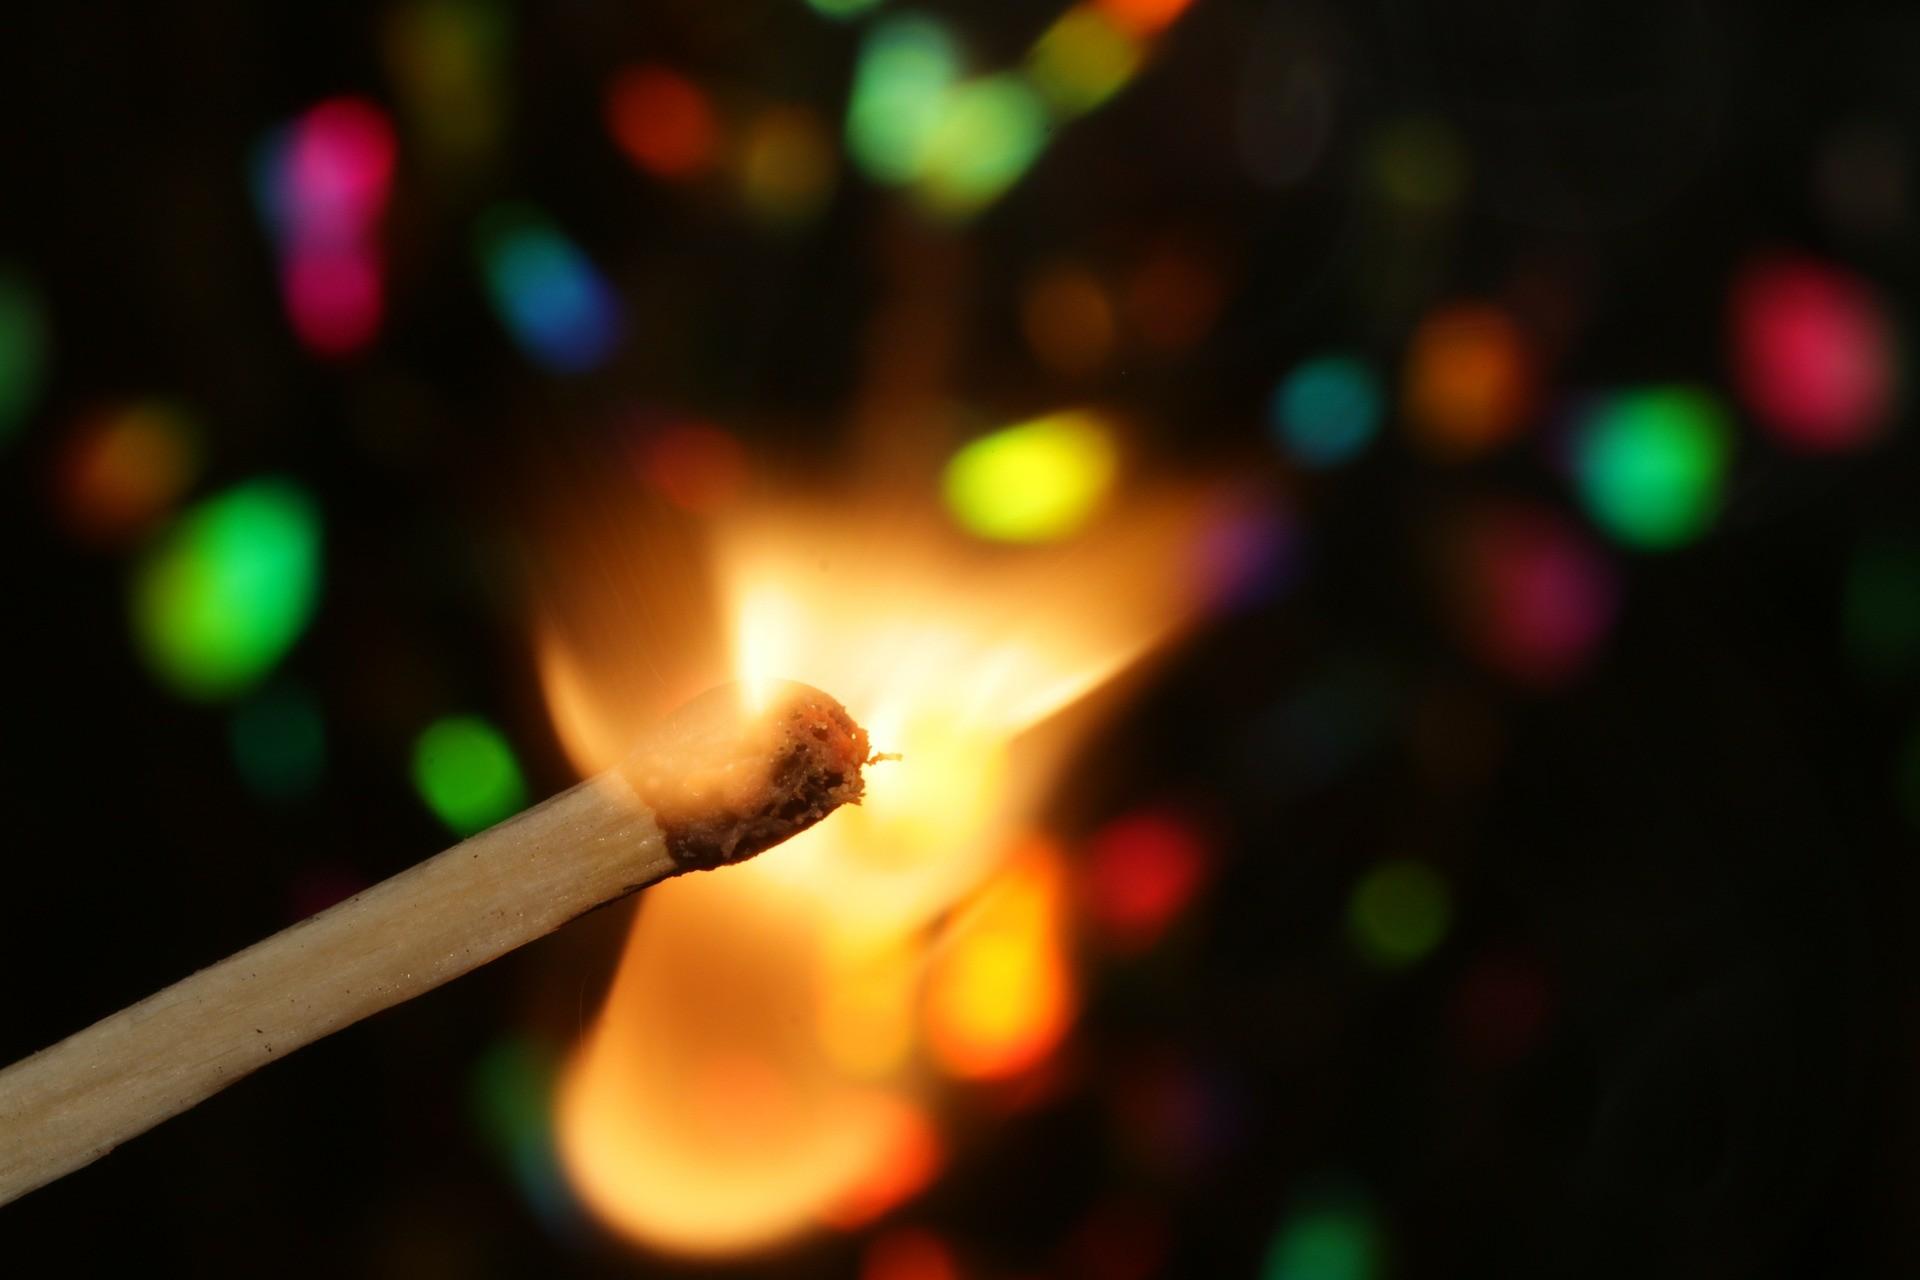 ▲火柴,火,燃燒。(圖/取自免費圖庫Pixabay)